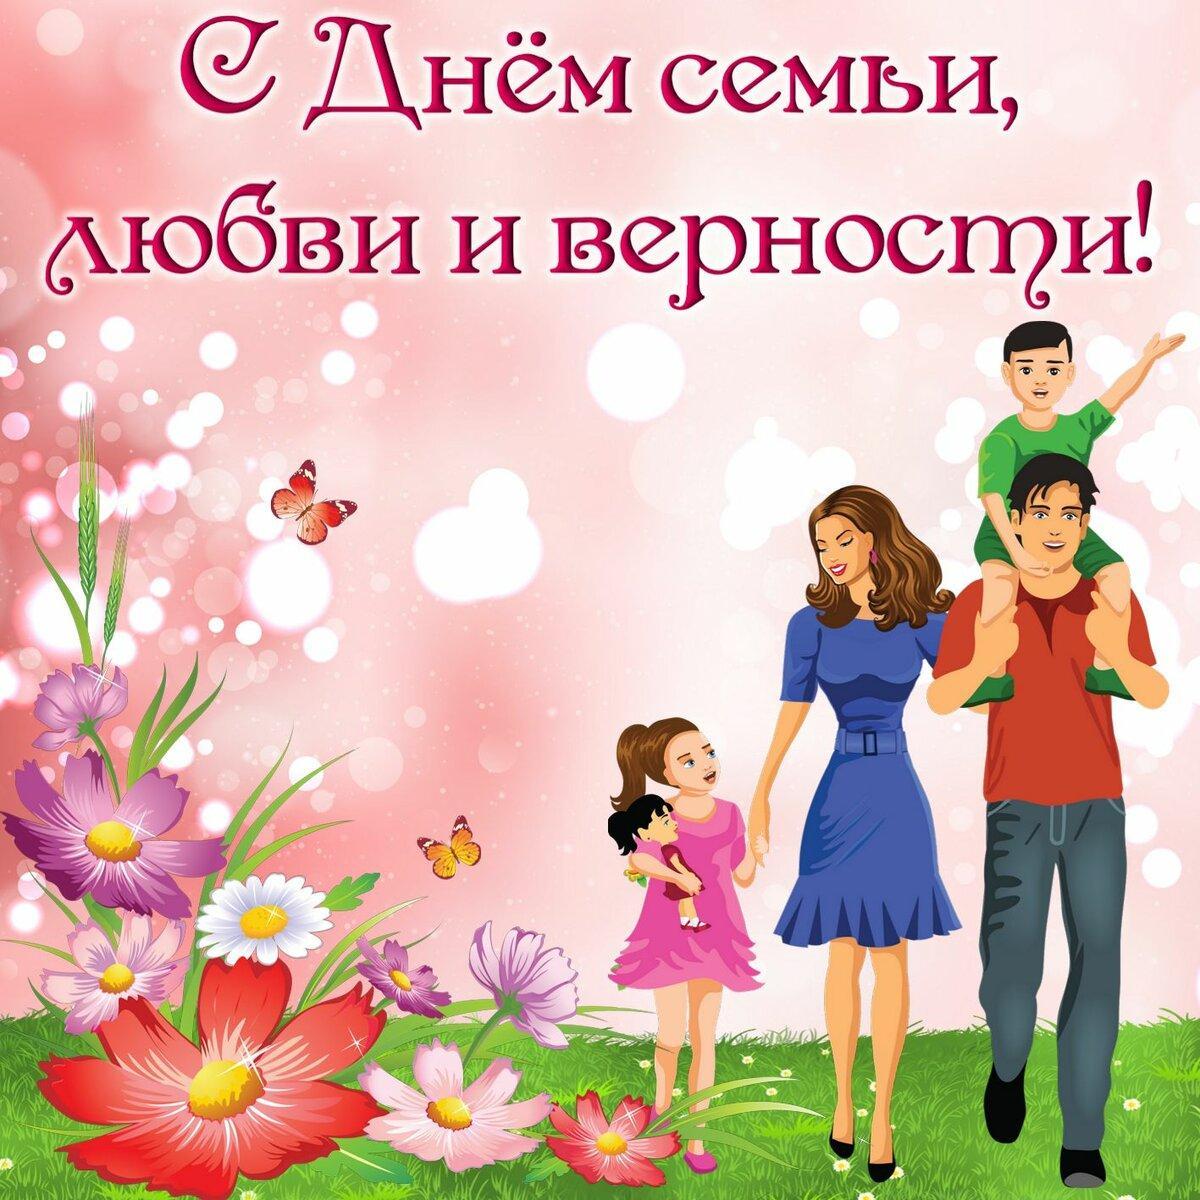 Красивые открытки с семьей, днем